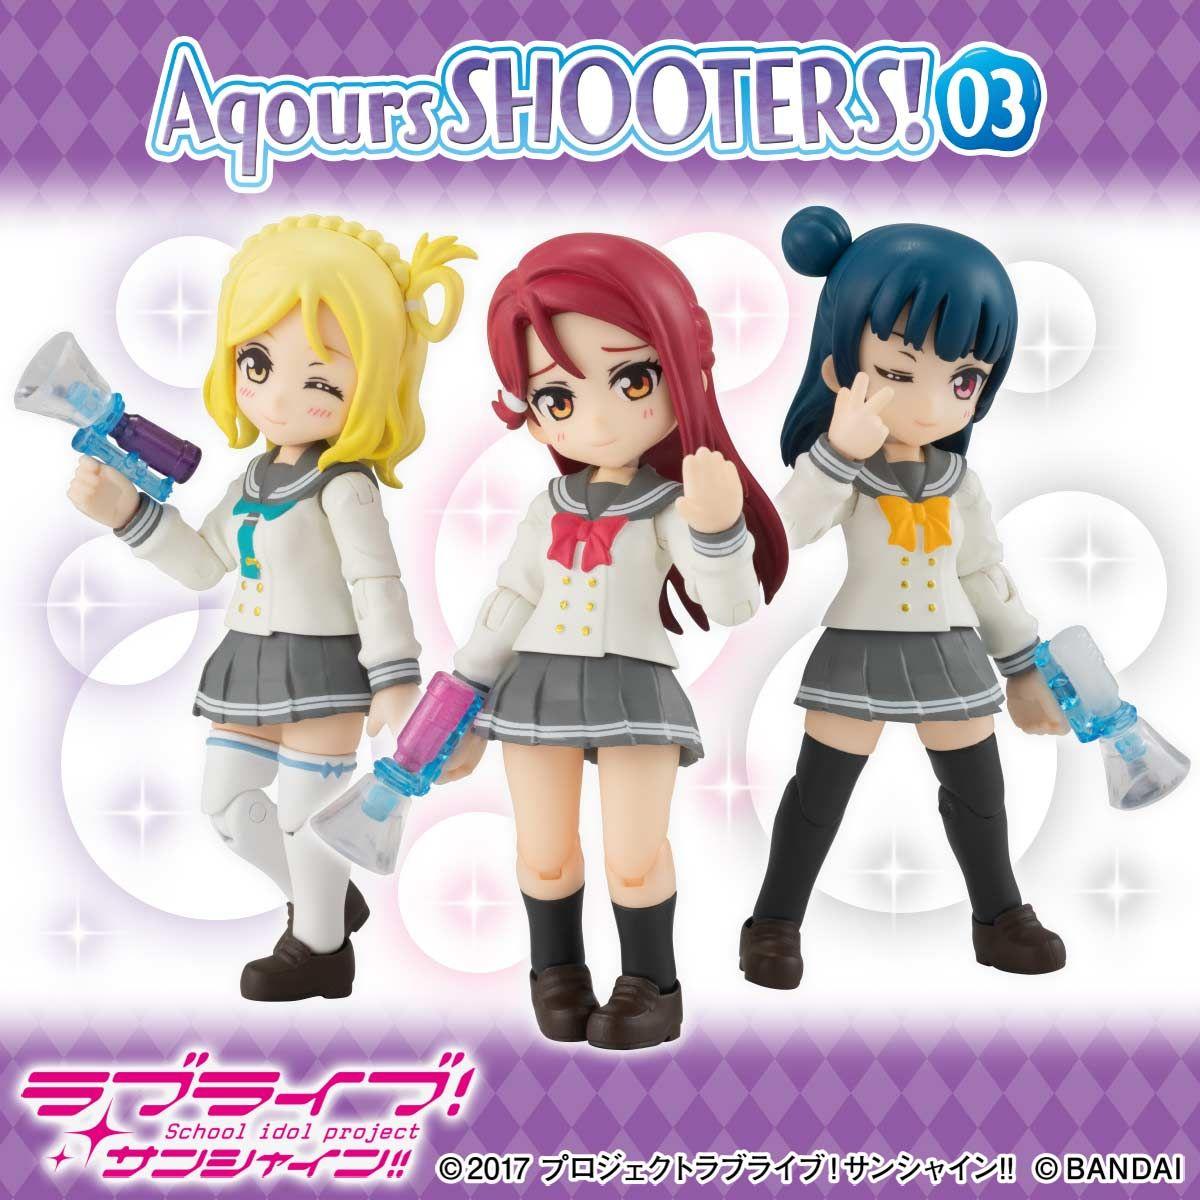 アクアシューターズ!『Aqours SHOOTERS!03』3個入りBOX-001